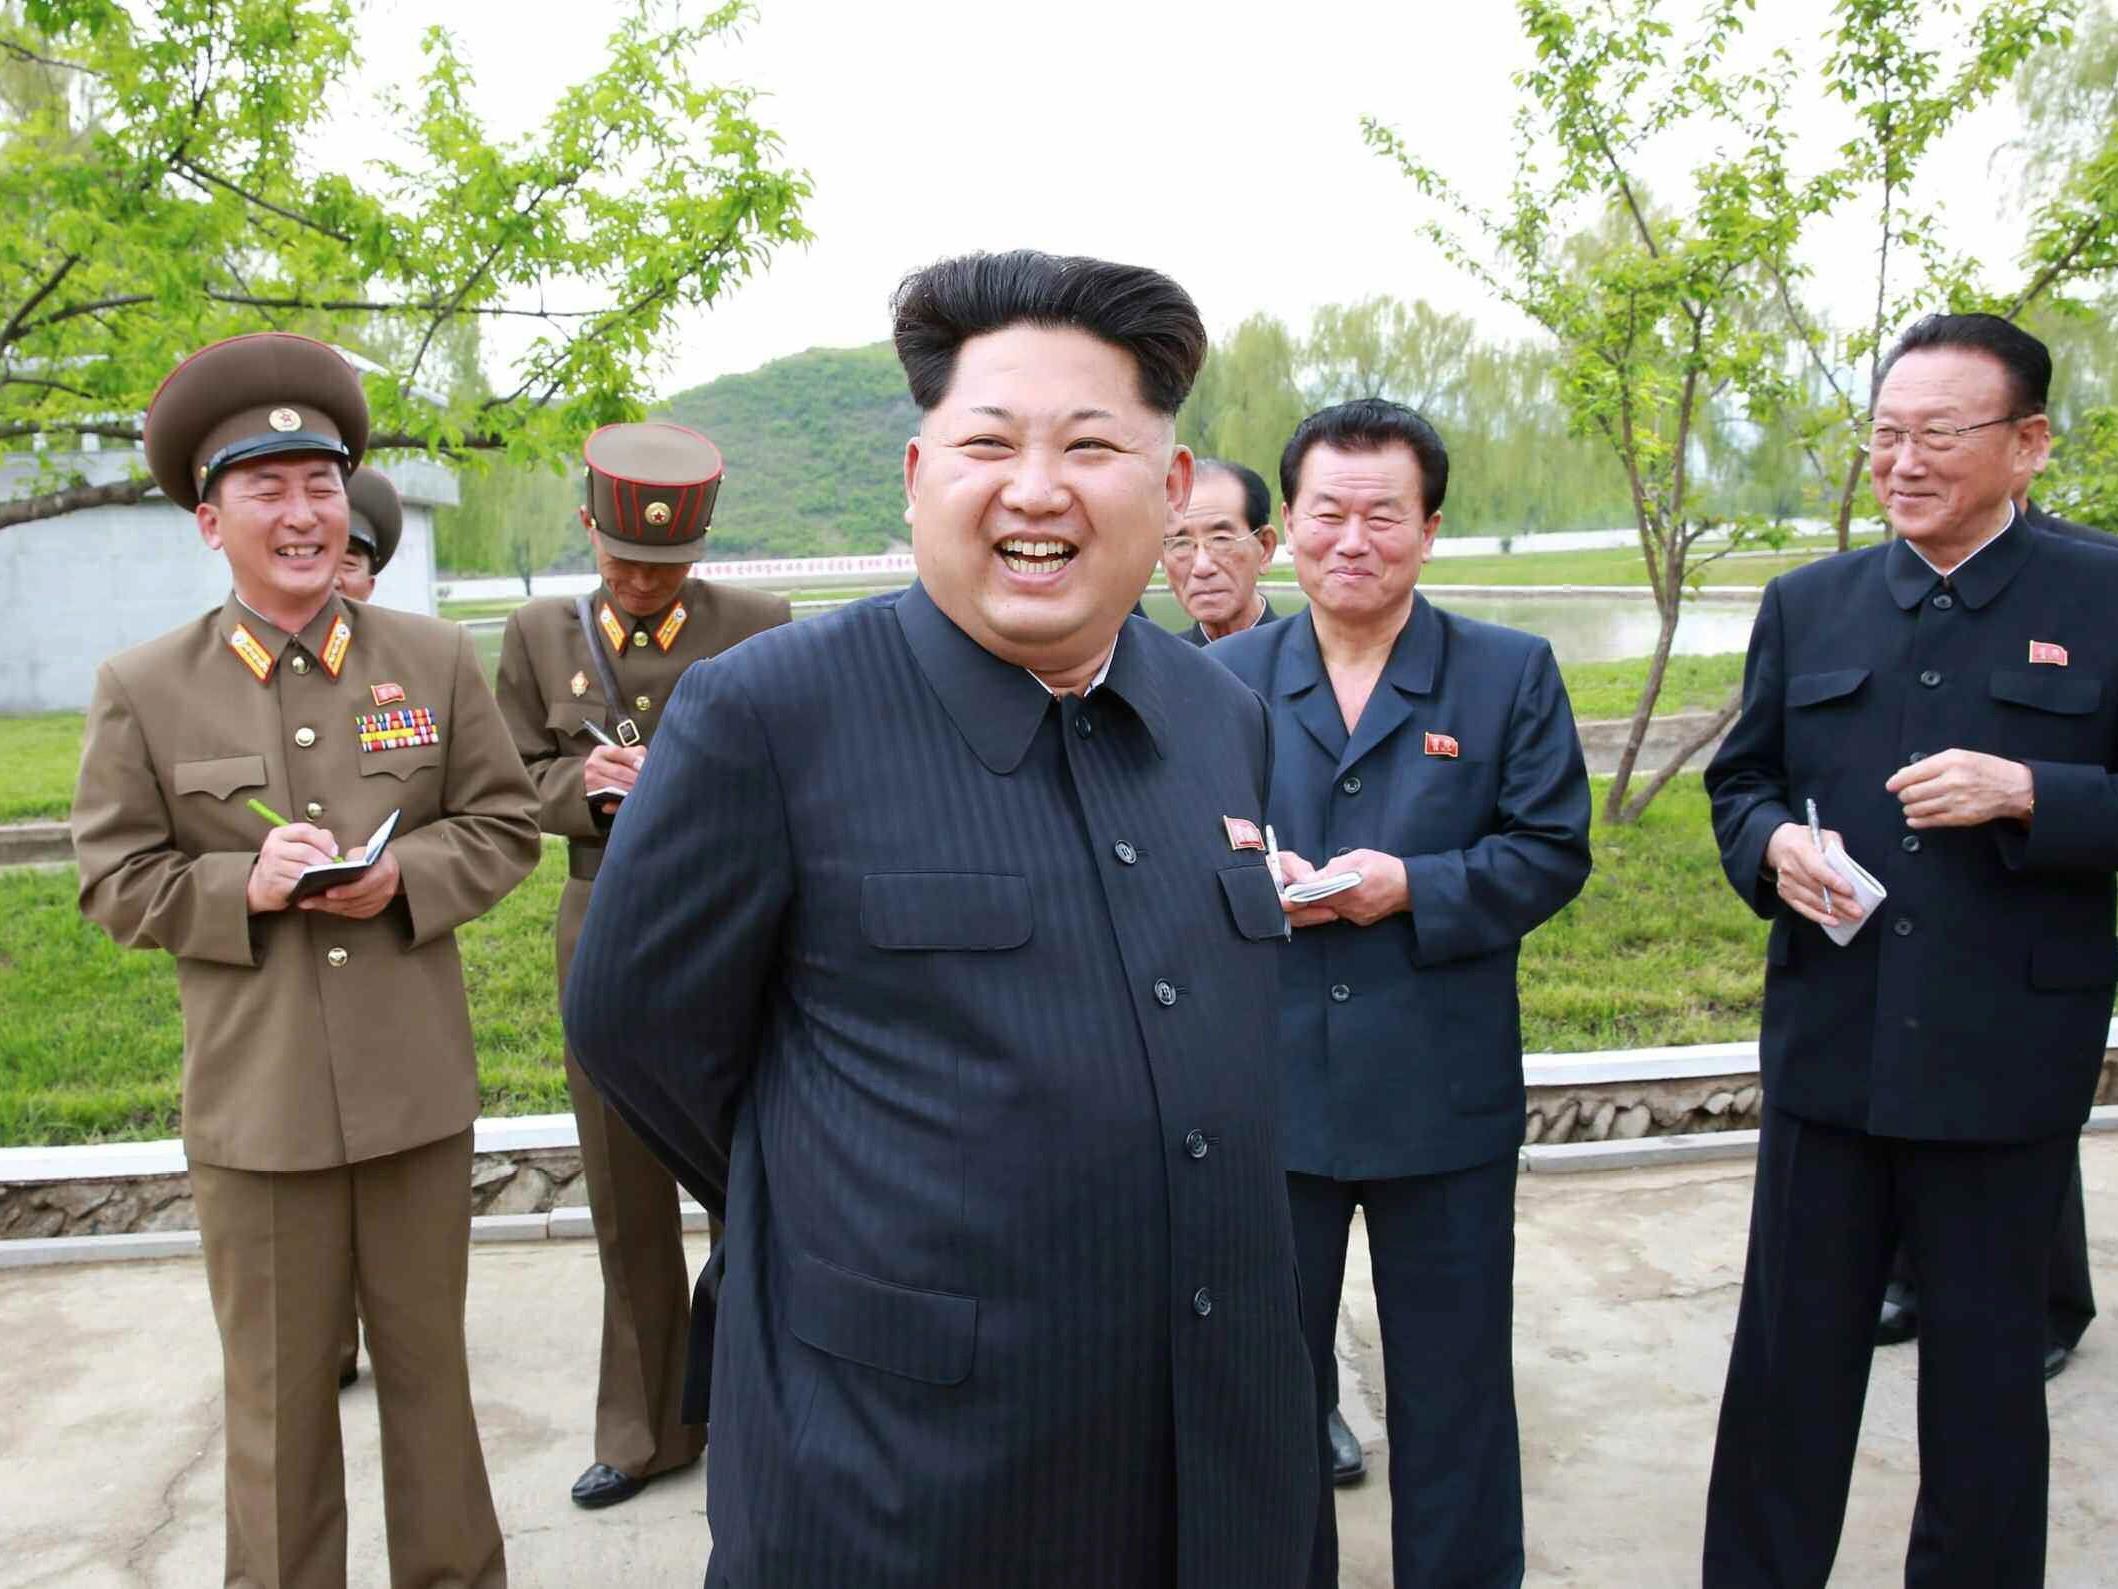 Kim Jong Un soll den Preis für Frieden, Gerechtigkeit und Menschlichkeit verliehen bekommen